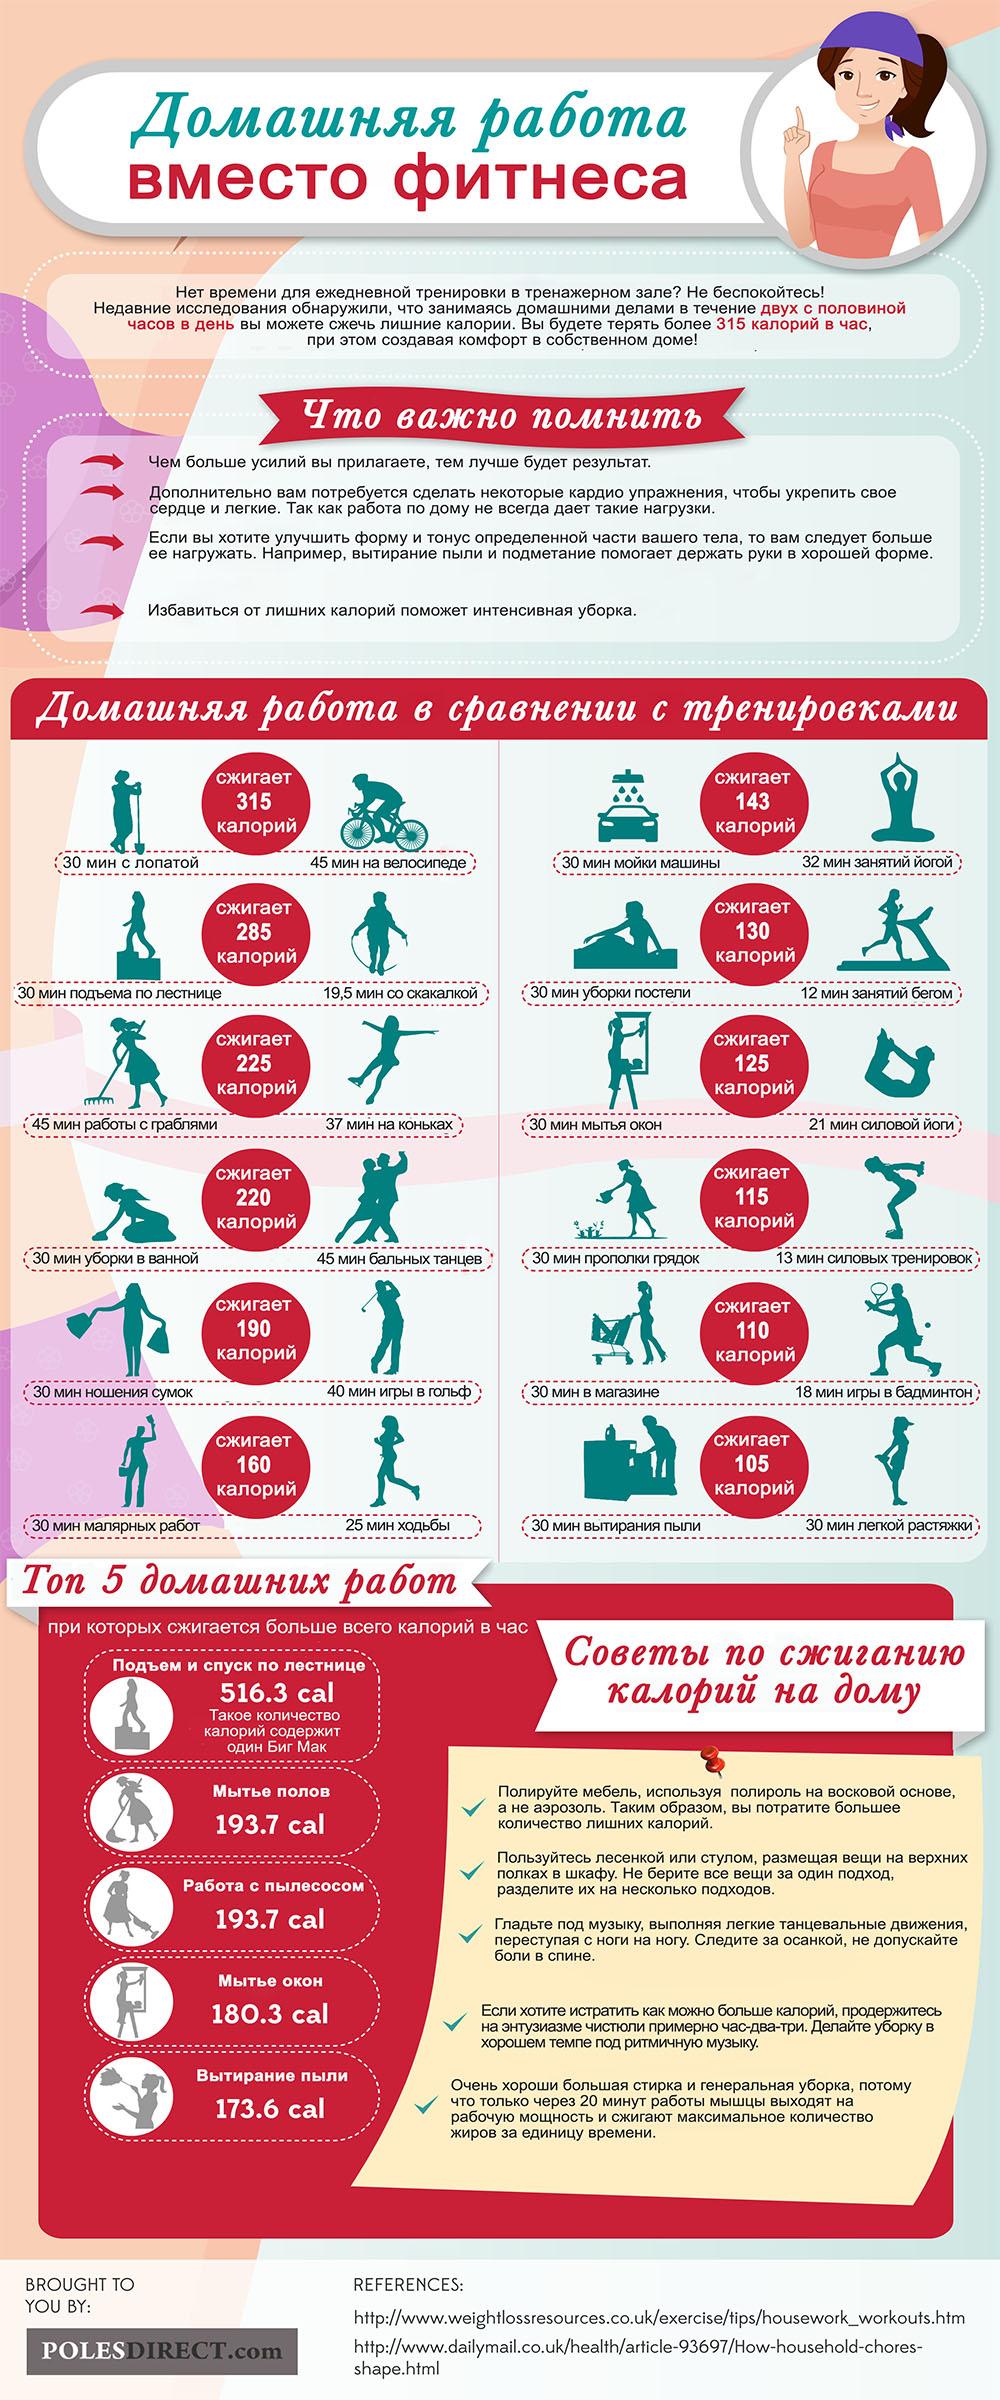 Как домашняя работа заменяет фитнес